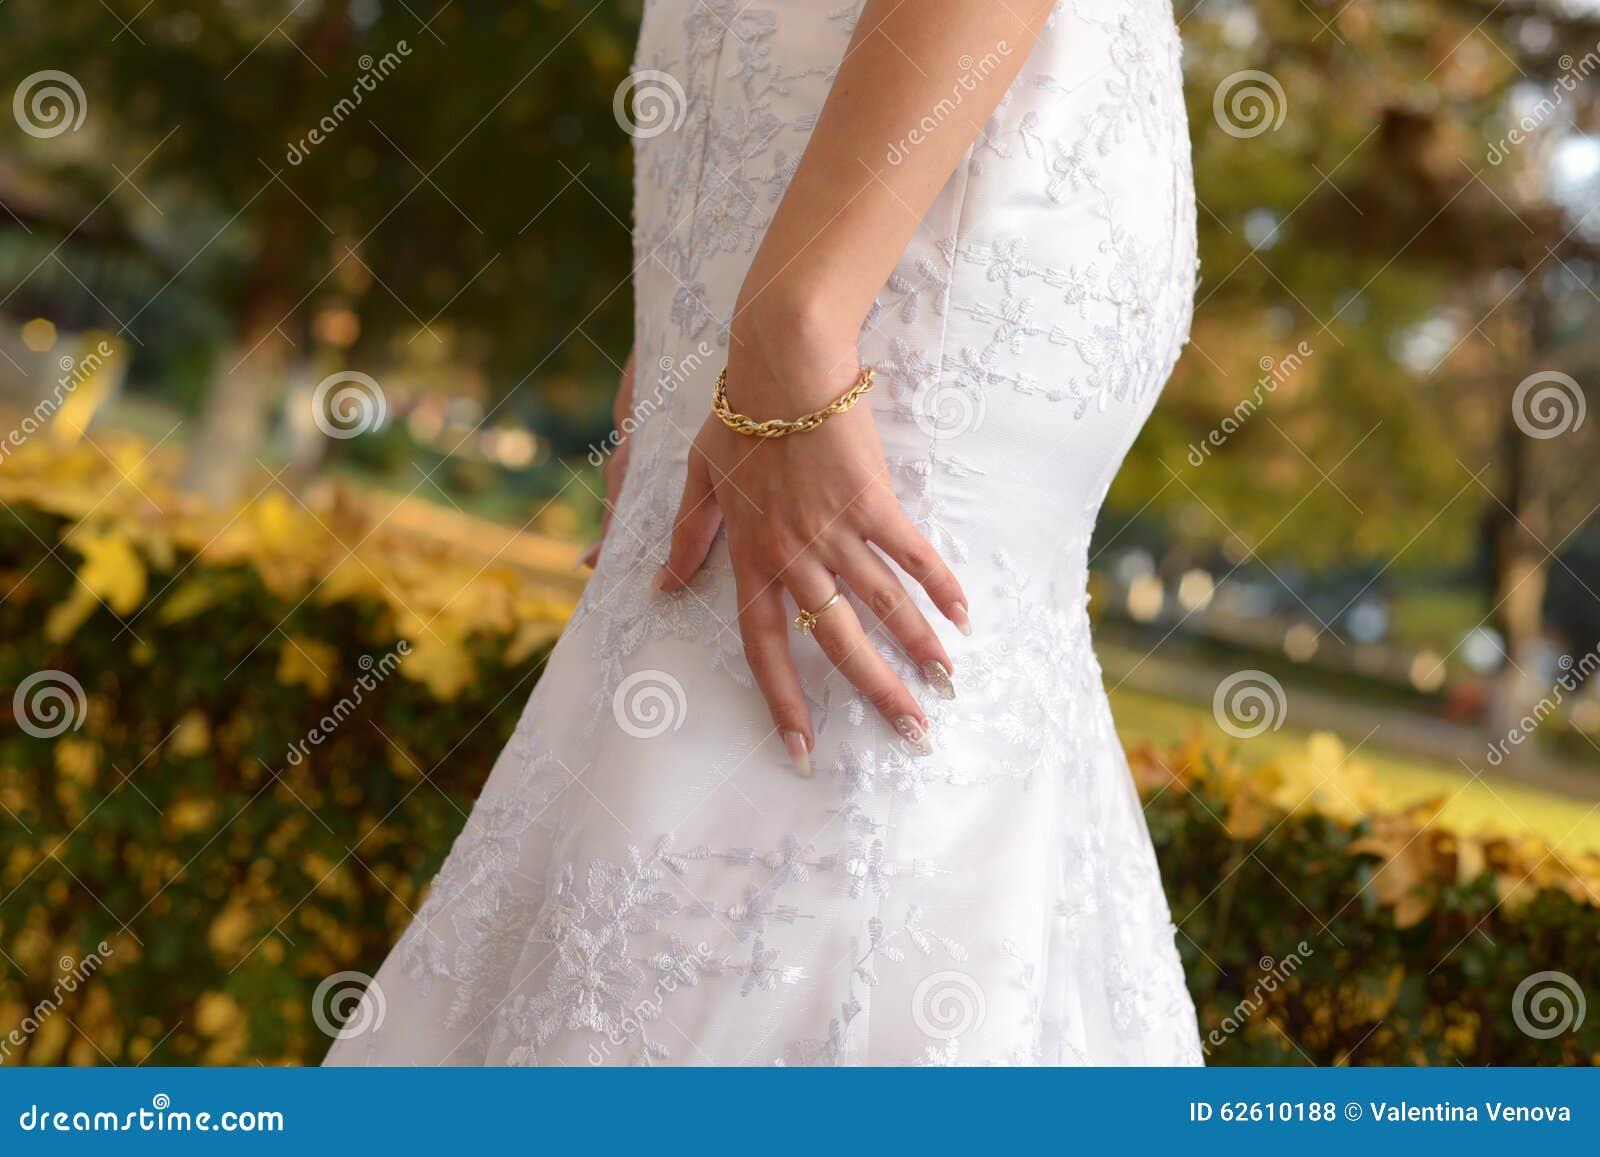 Dias do outono no casamento conservado em estoque